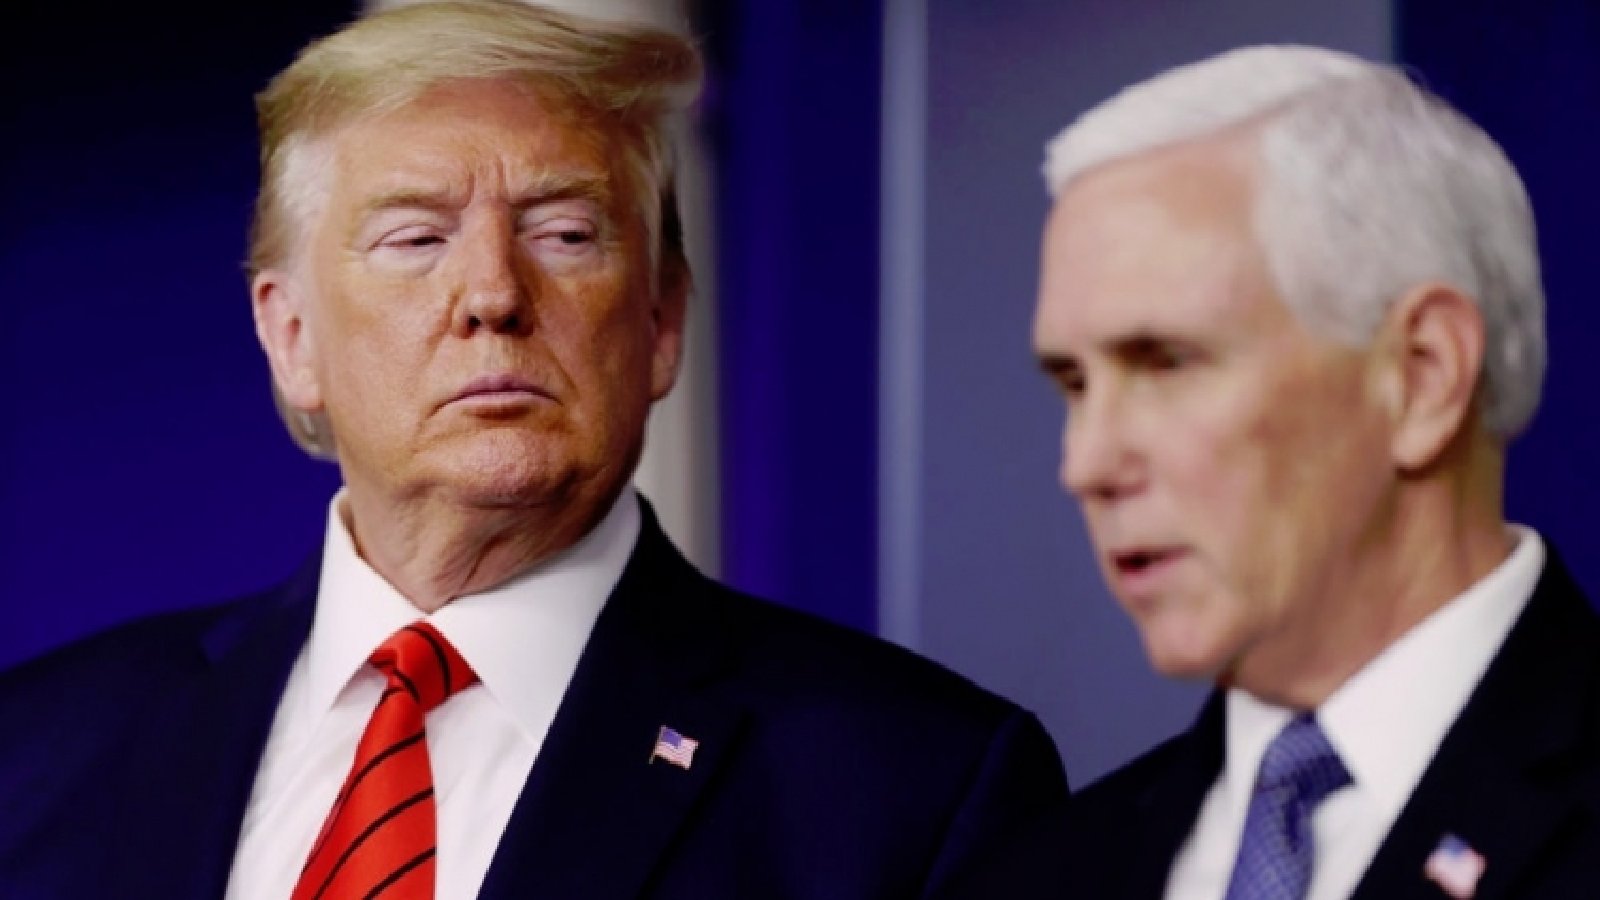 Hạ viện Mỹ thông qua nghị quyết kêu gọi Phó Tổng thống Pence miễn nhiệm Tổng thống Trump